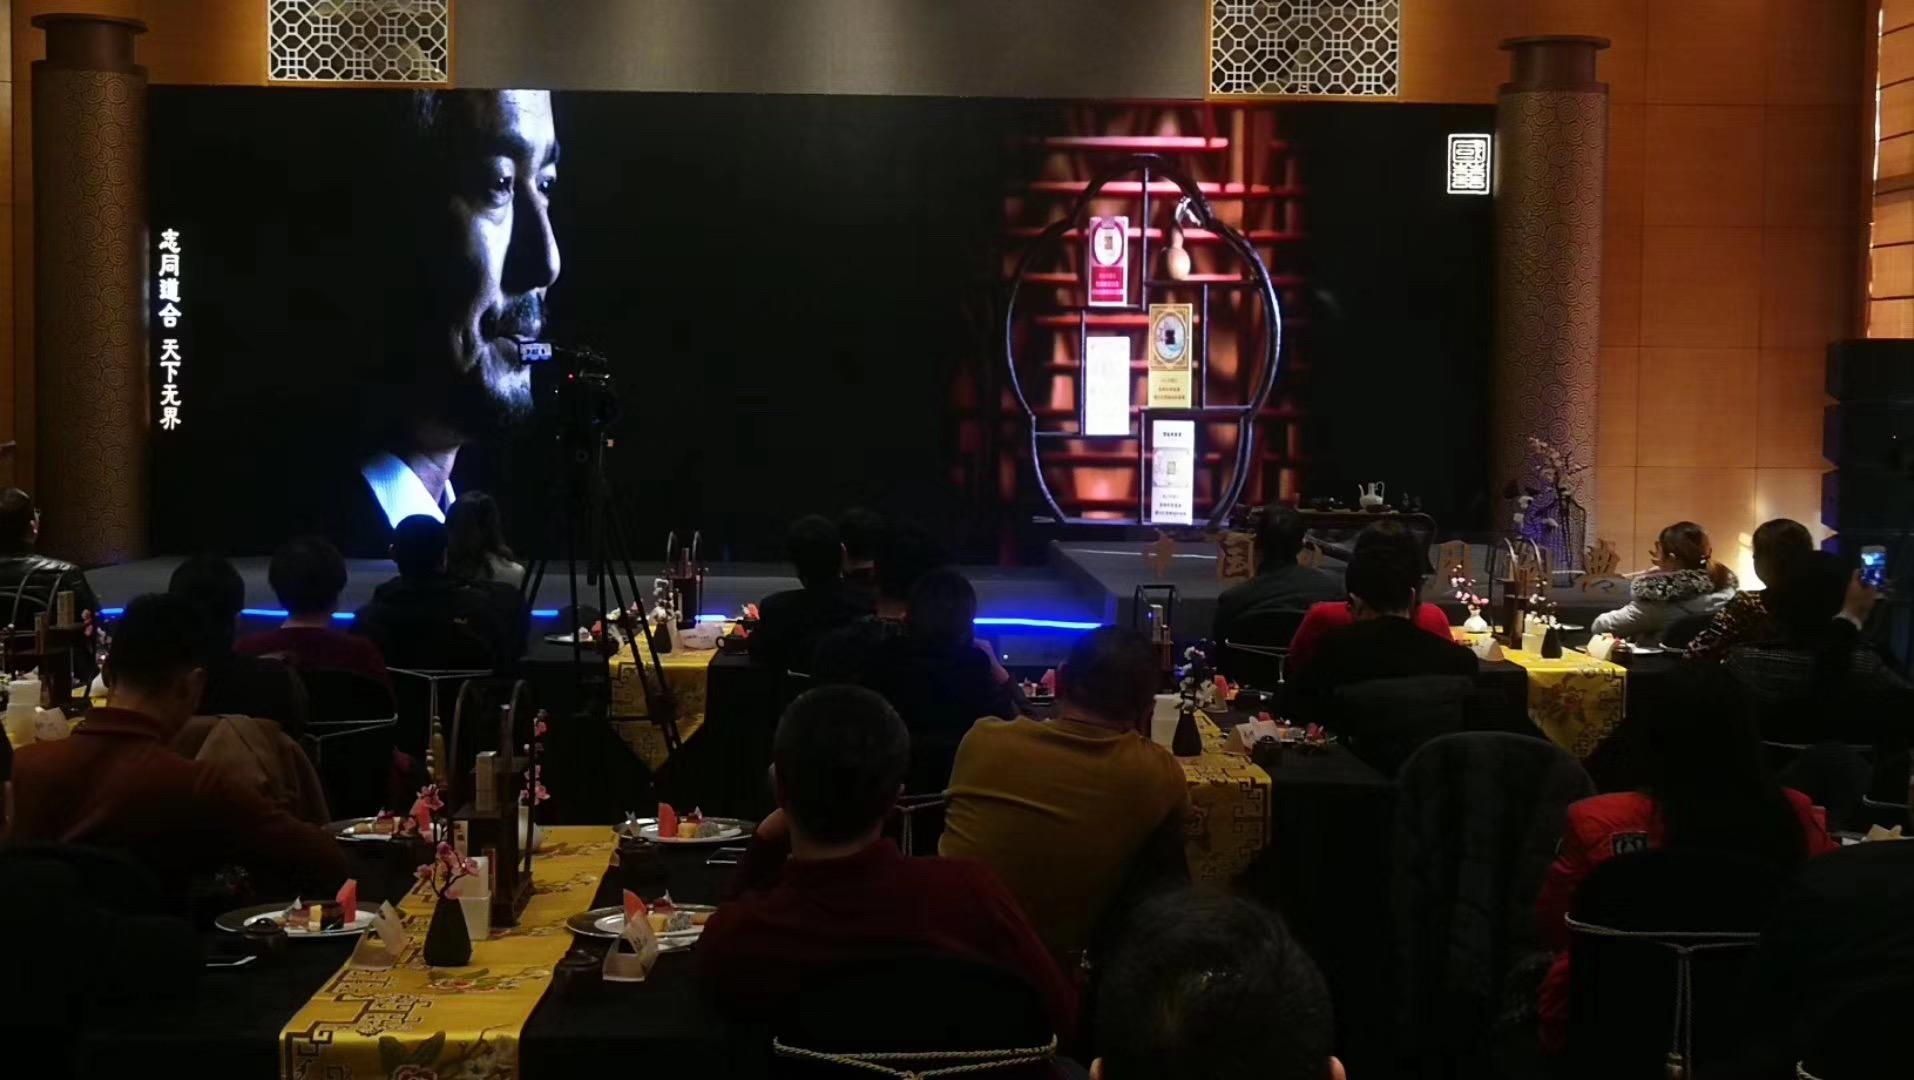 2018年12月25日「国喜·礼遇雅集」志合者,不以天下为界